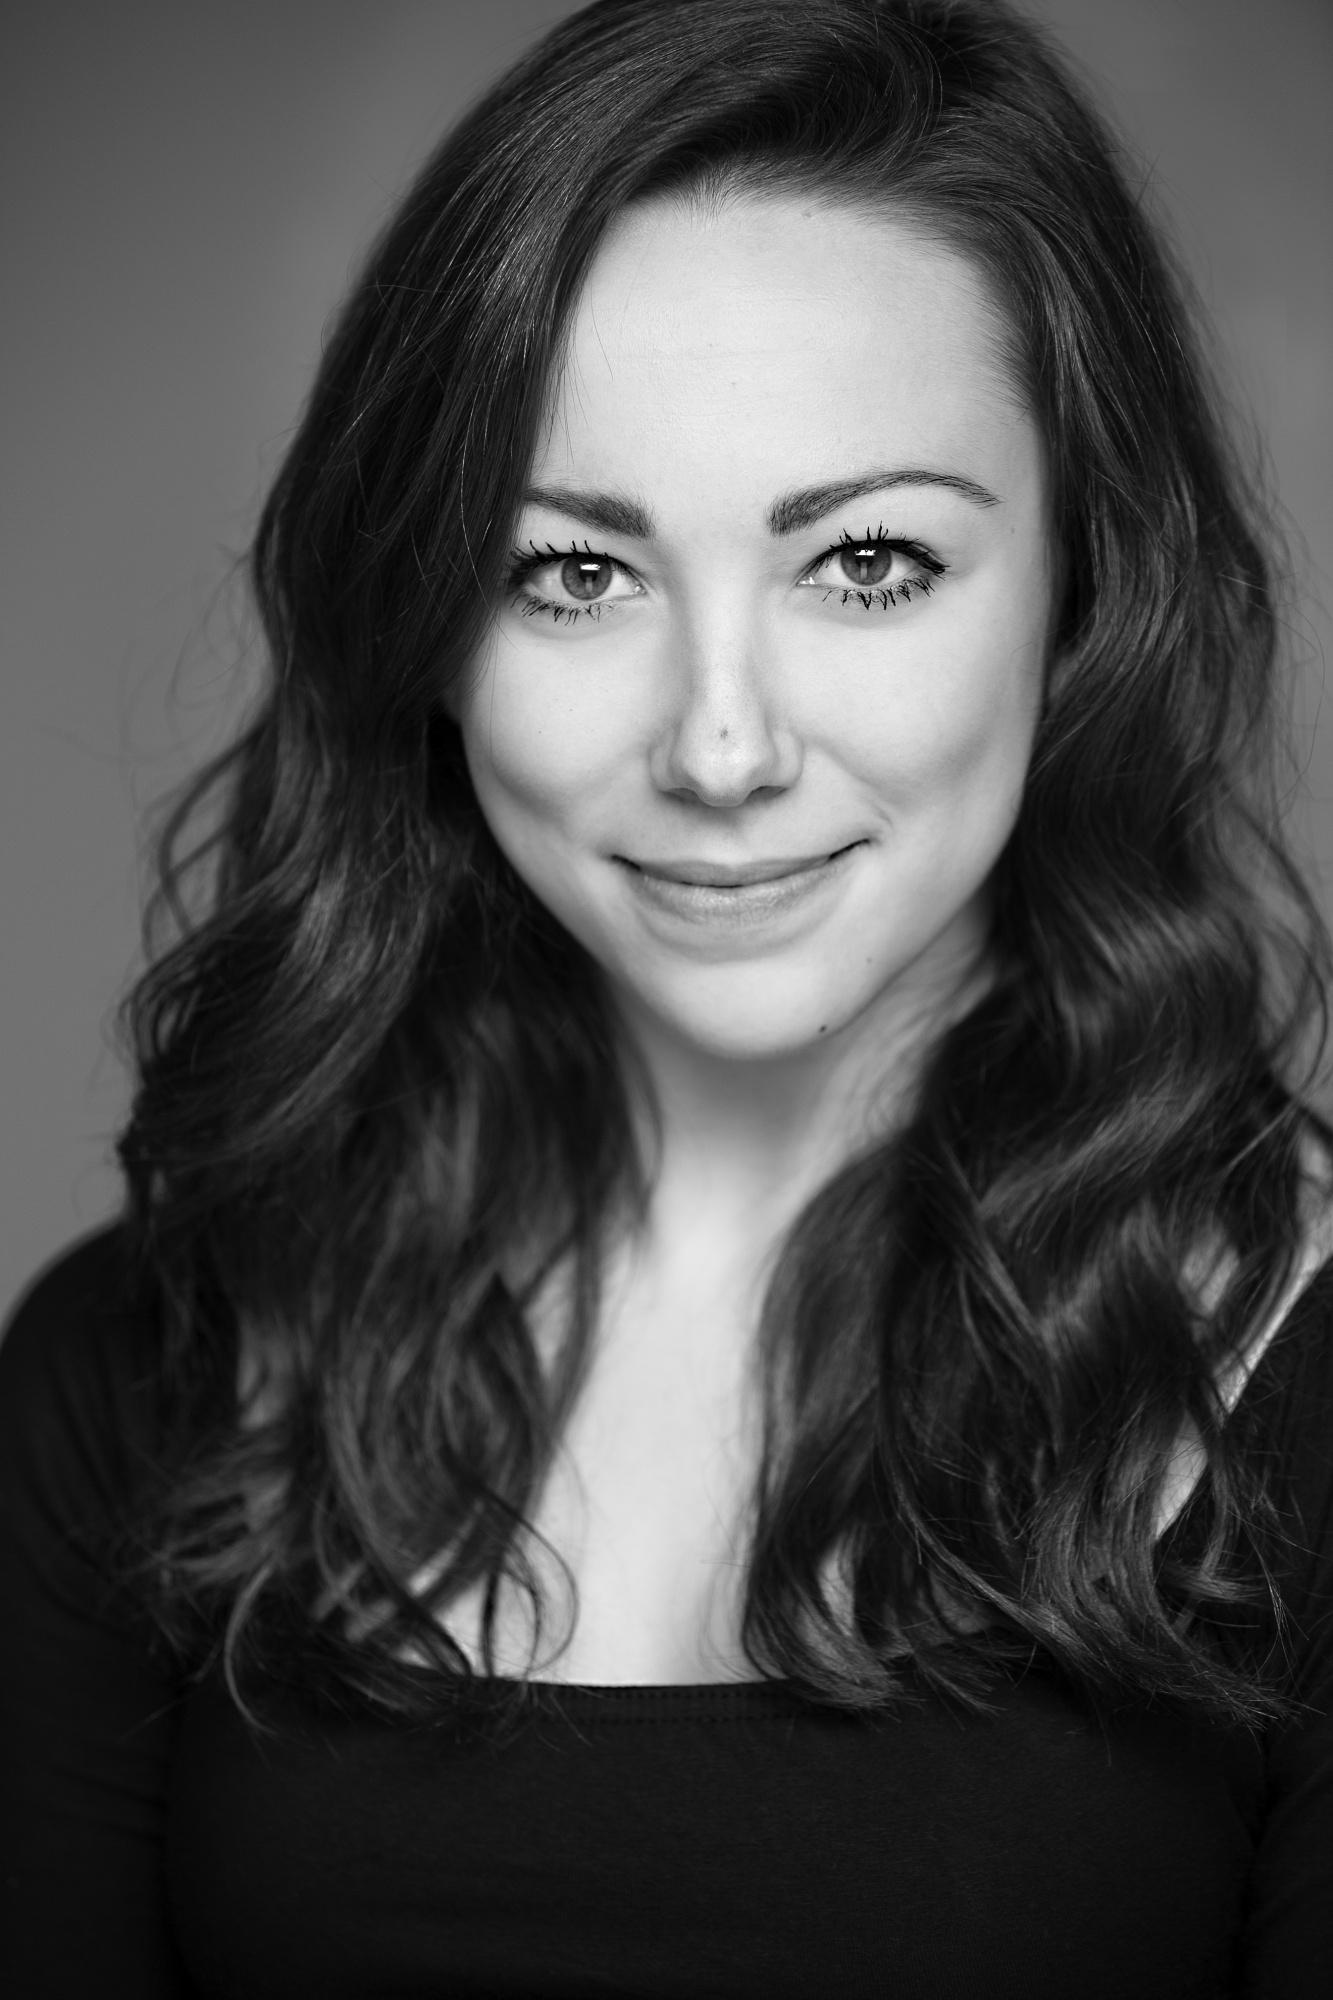 Desdemona – Elizabeth Bryant - Elizabeth-bryant-headshot